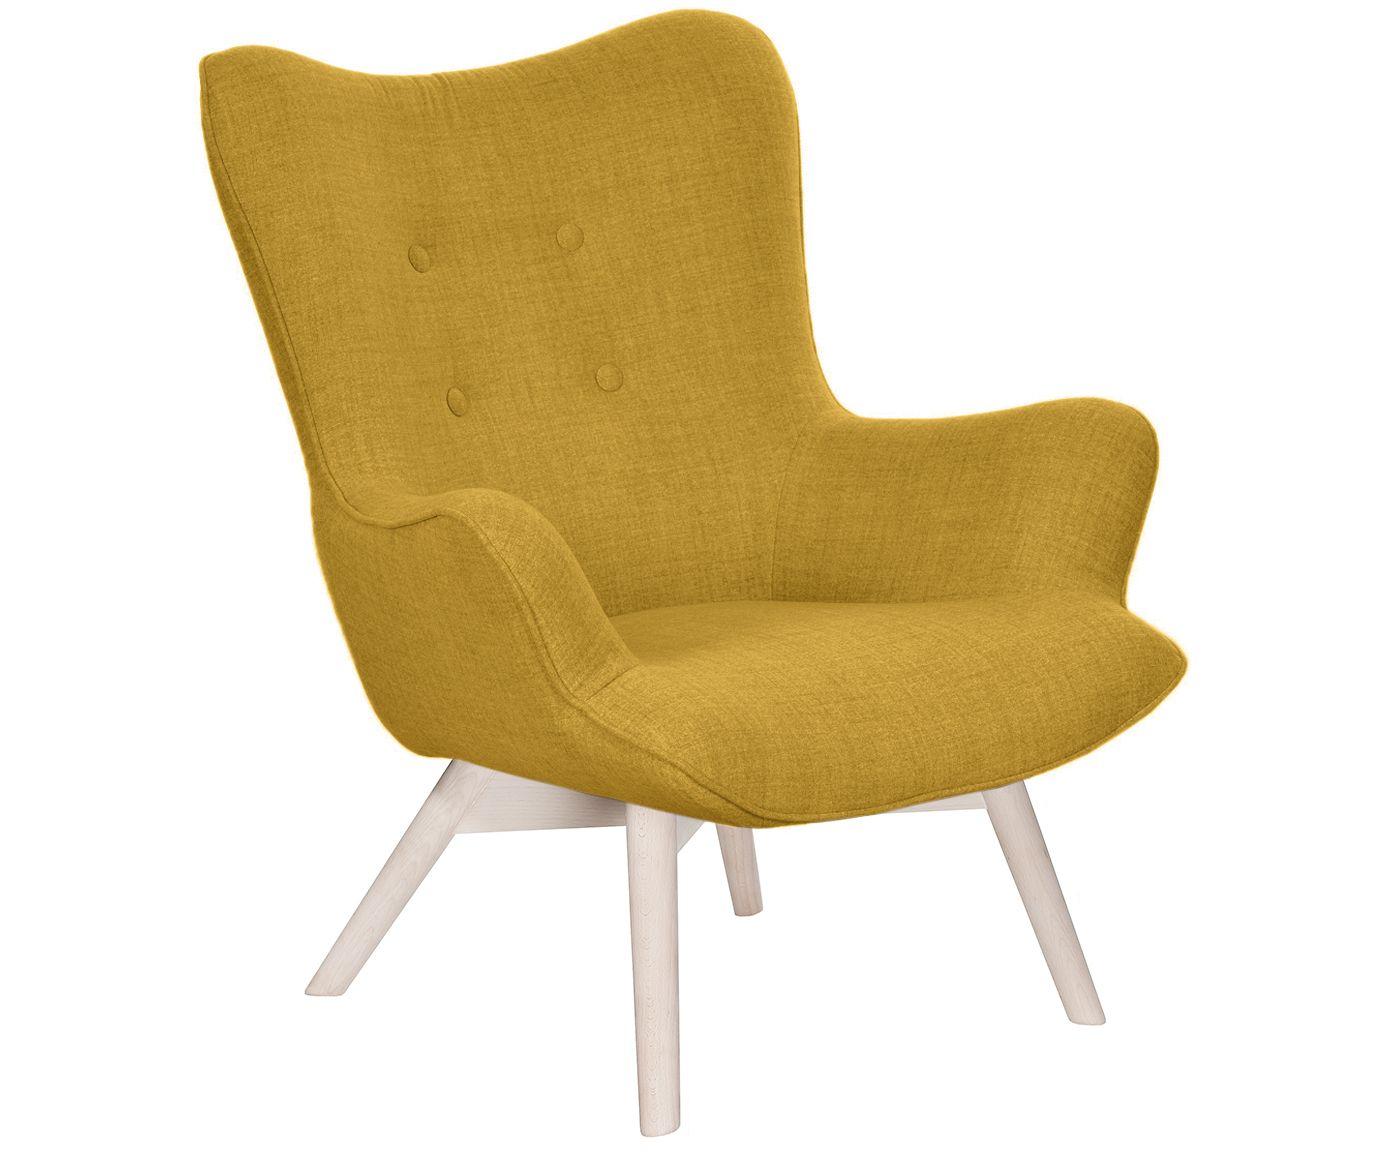 Machen Sie Ihr Wohnzimmer Mit Sessel Twirl In Gelb Zur Wohlfühloase.  Entdecken Sie Weitere Möbel